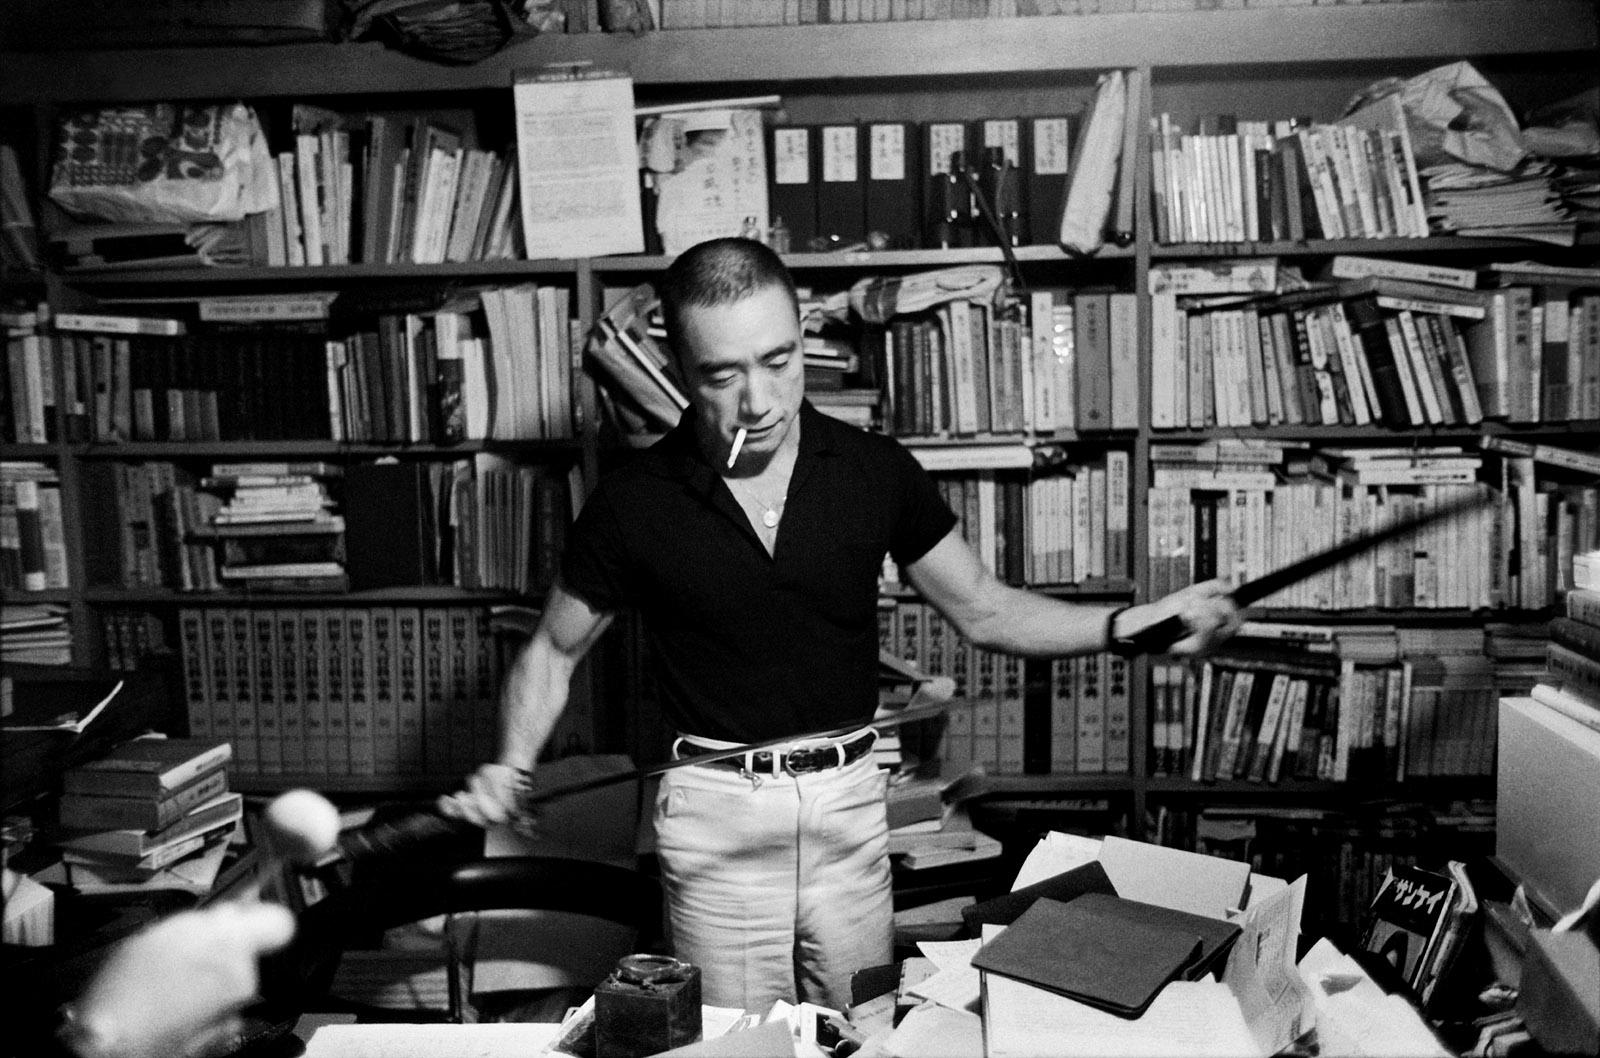 Юкио Мисима в 1970 году. Фото: Эллиот Эрвитт